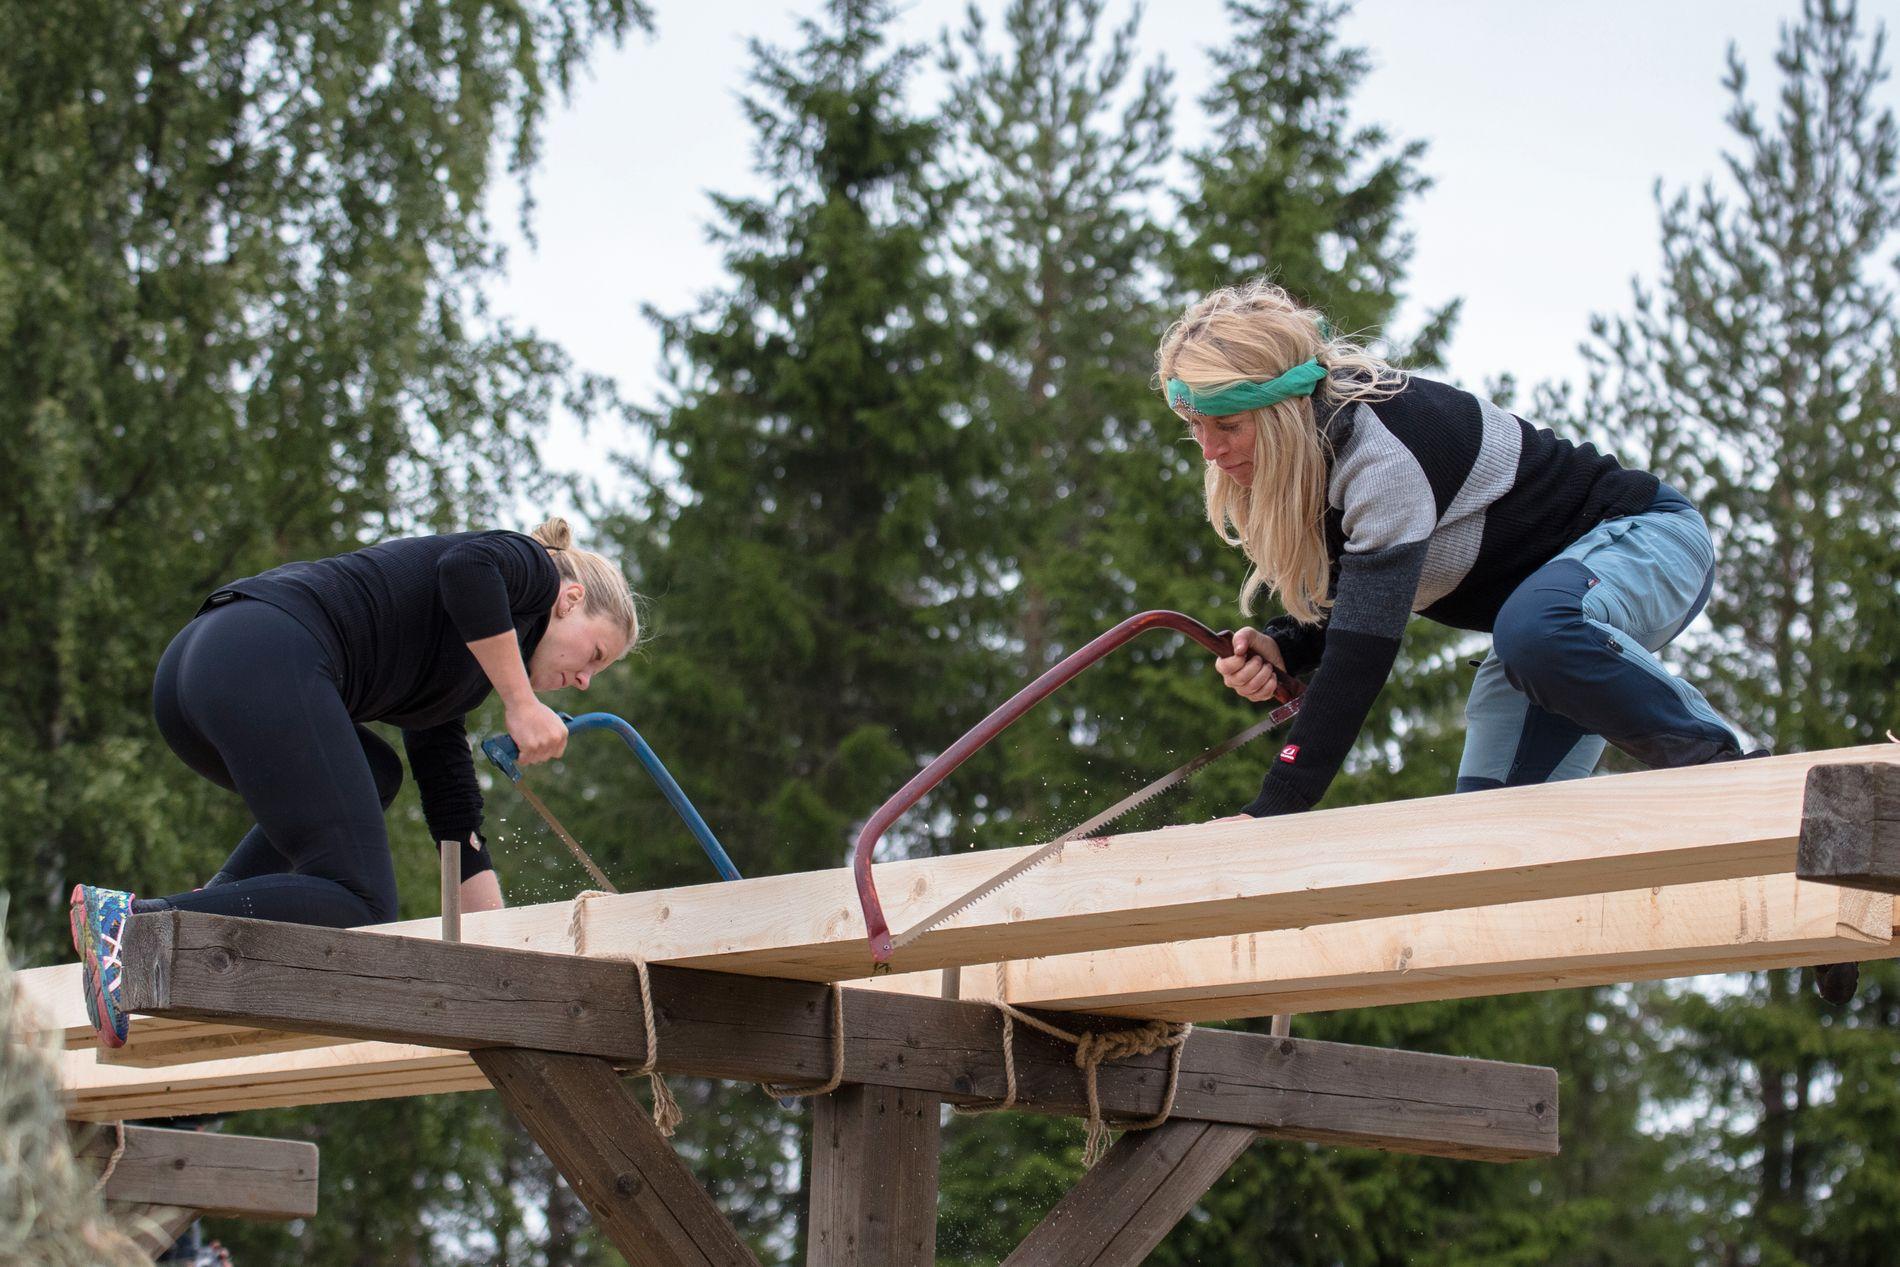 MØTTE OVERMAKTEN: Tiril Sjåstad Christiansen viste hva hun er god for, og danket Trude Mostue ut av «Farmen kjendis».